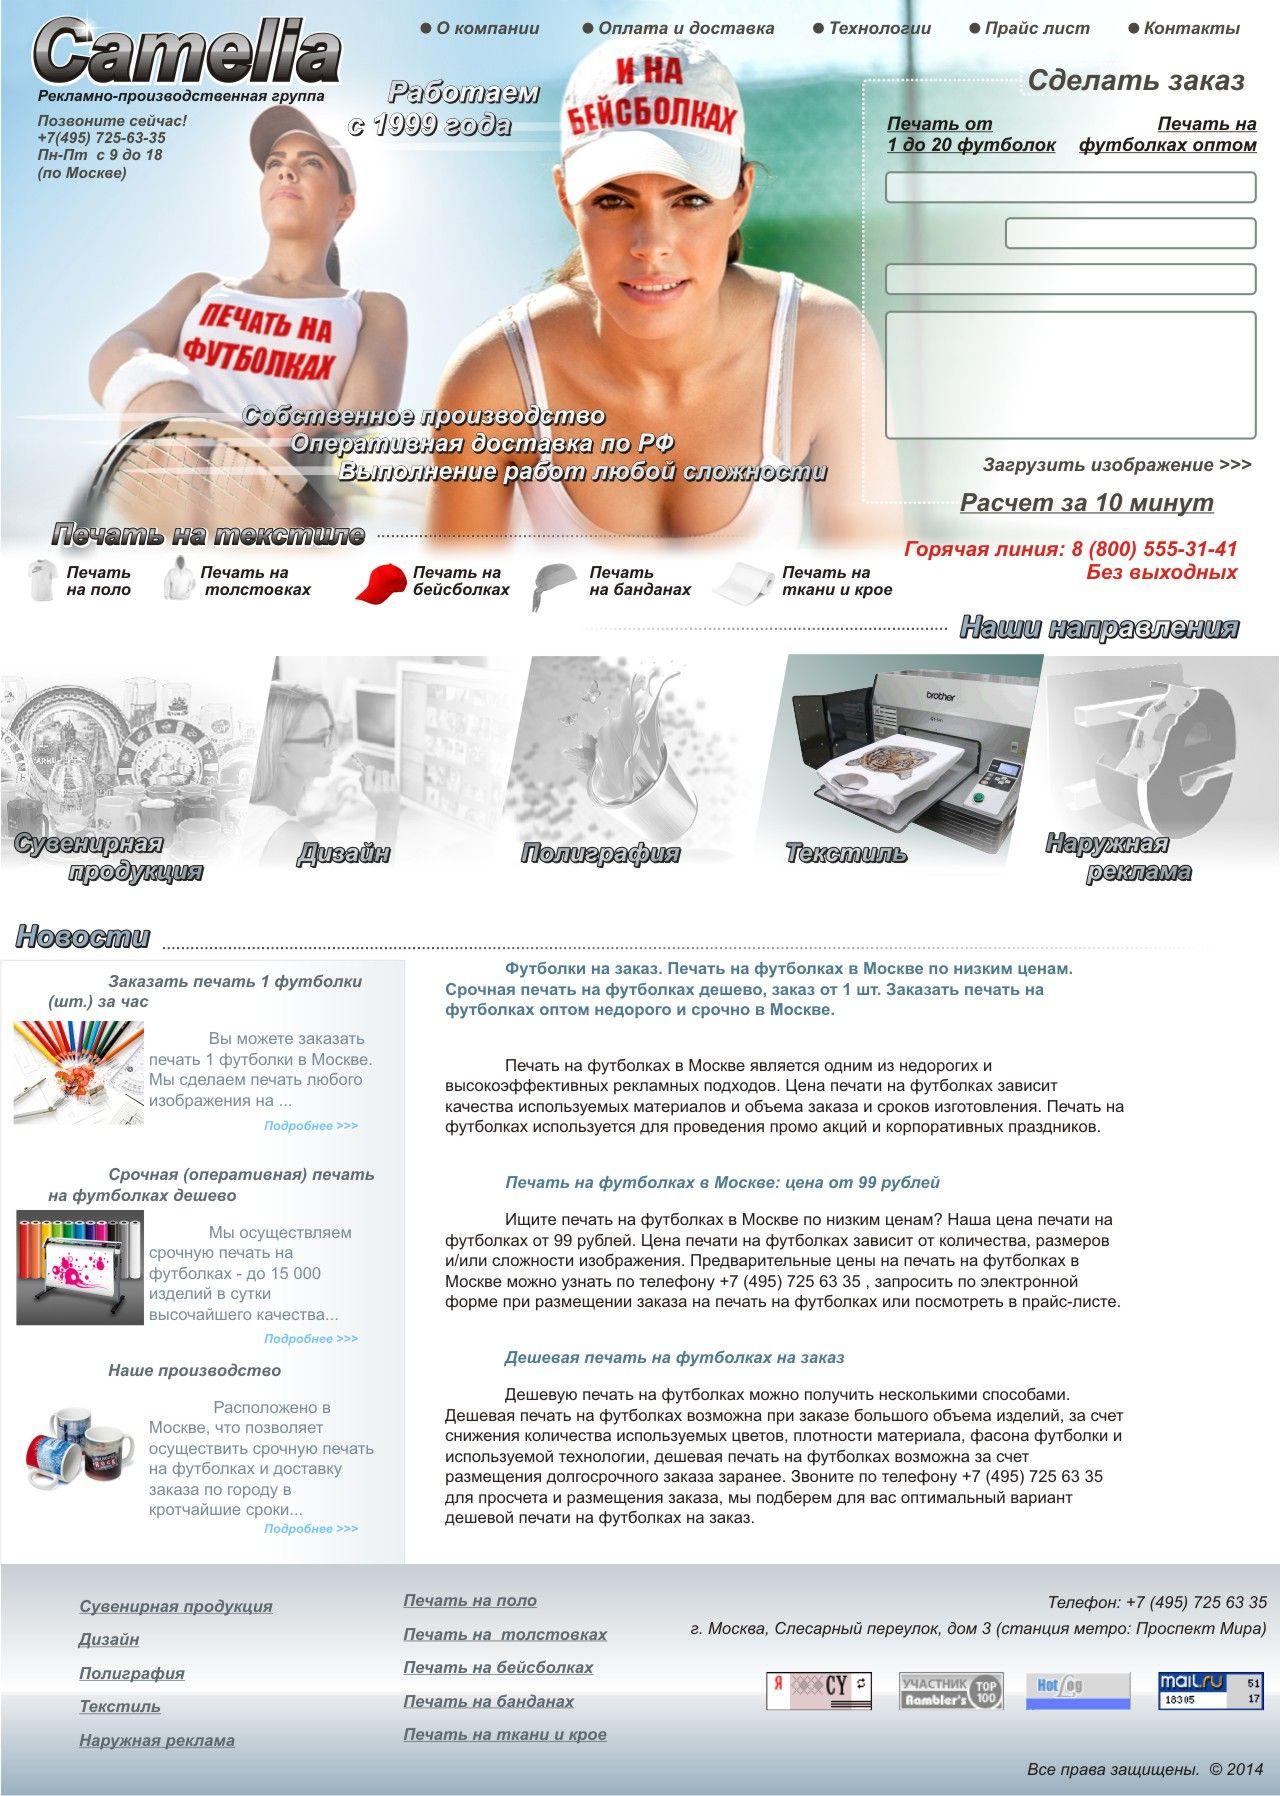 Дизайн главной страницы сайта - дизайнер Andyalex